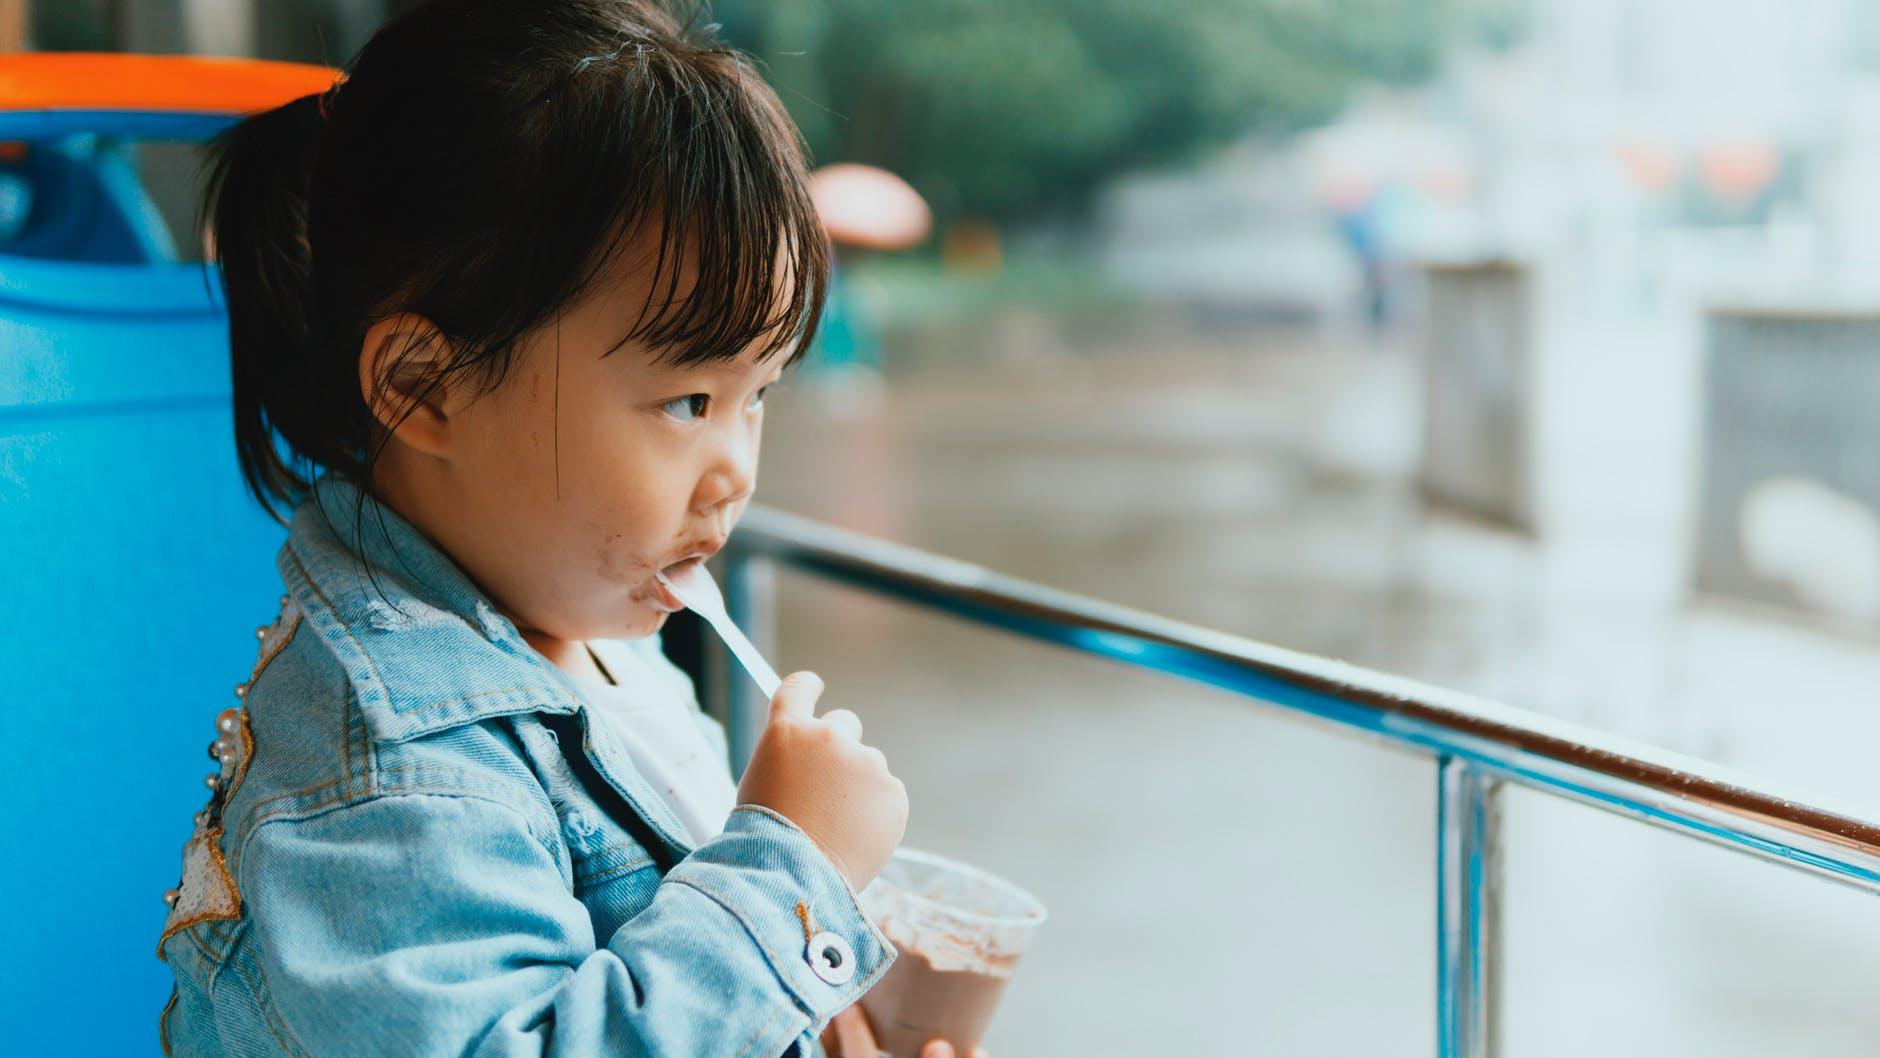 crianças tristes comem demais1(Pexels)